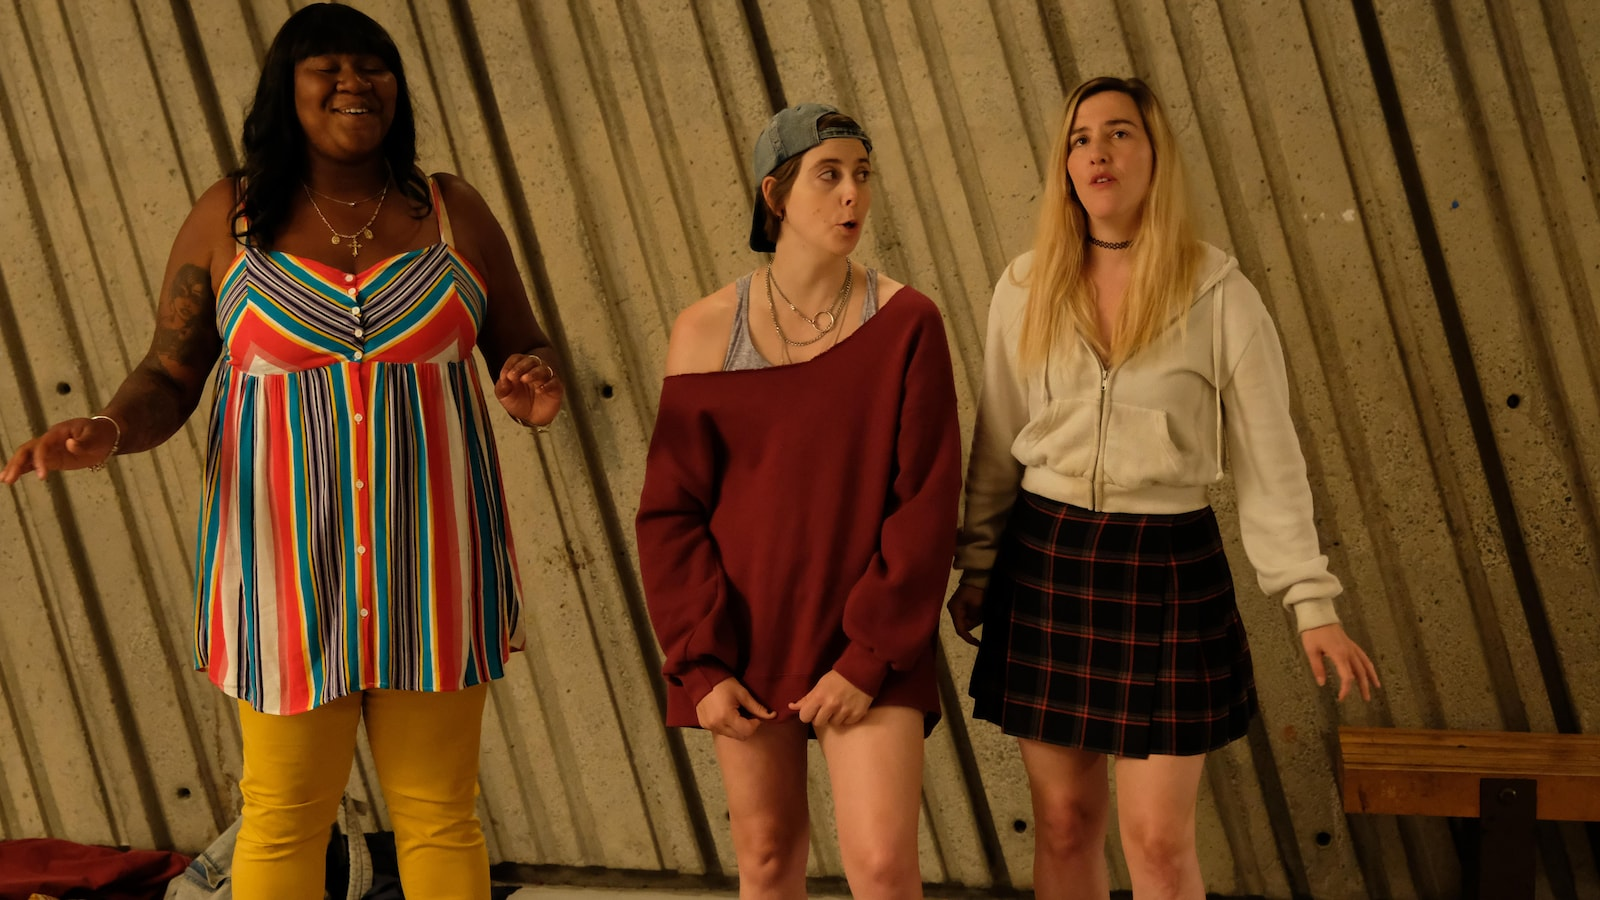 Les trois femmes chantent dans le métro.